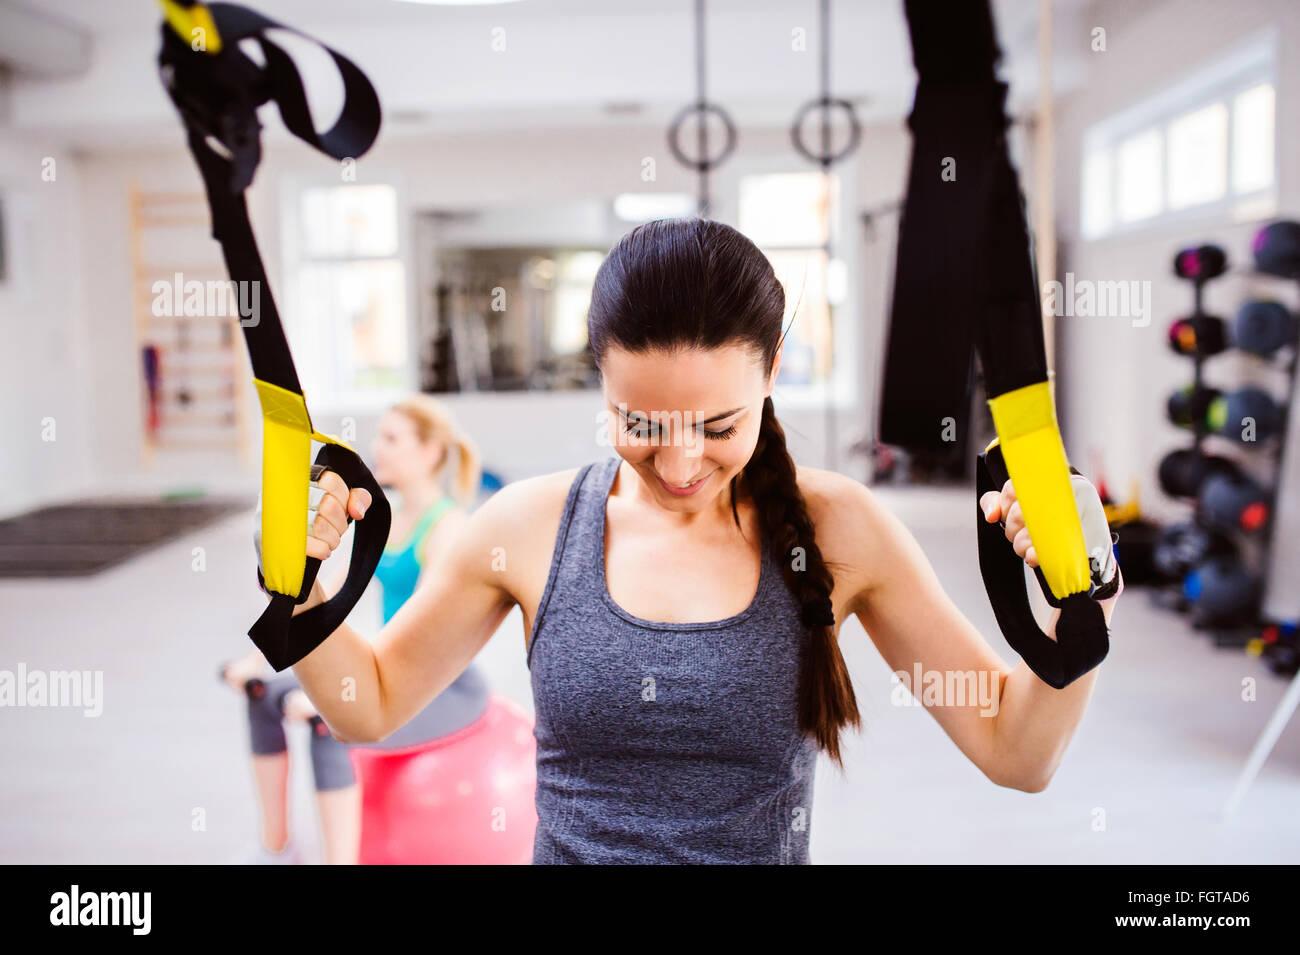 Femme dans les bras d'entraînement de sport fitness trx frises Banque D'Images